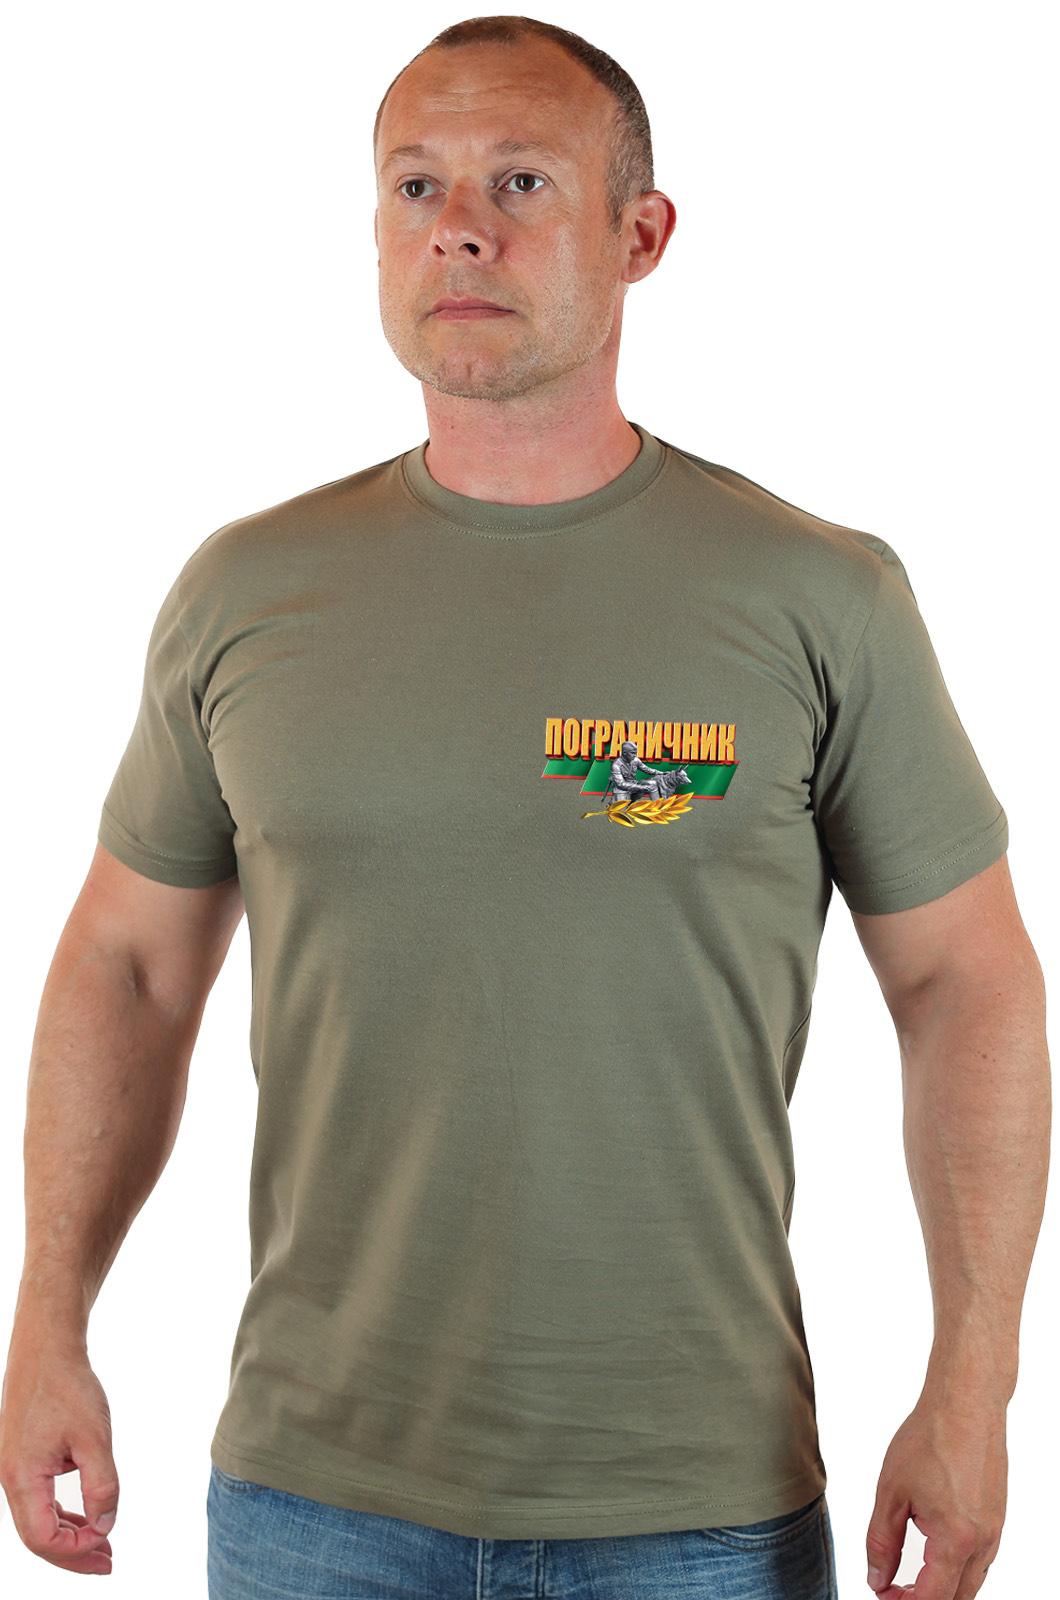 Купить с недорогой доставкой футболку ПОГРАНИЧНИК